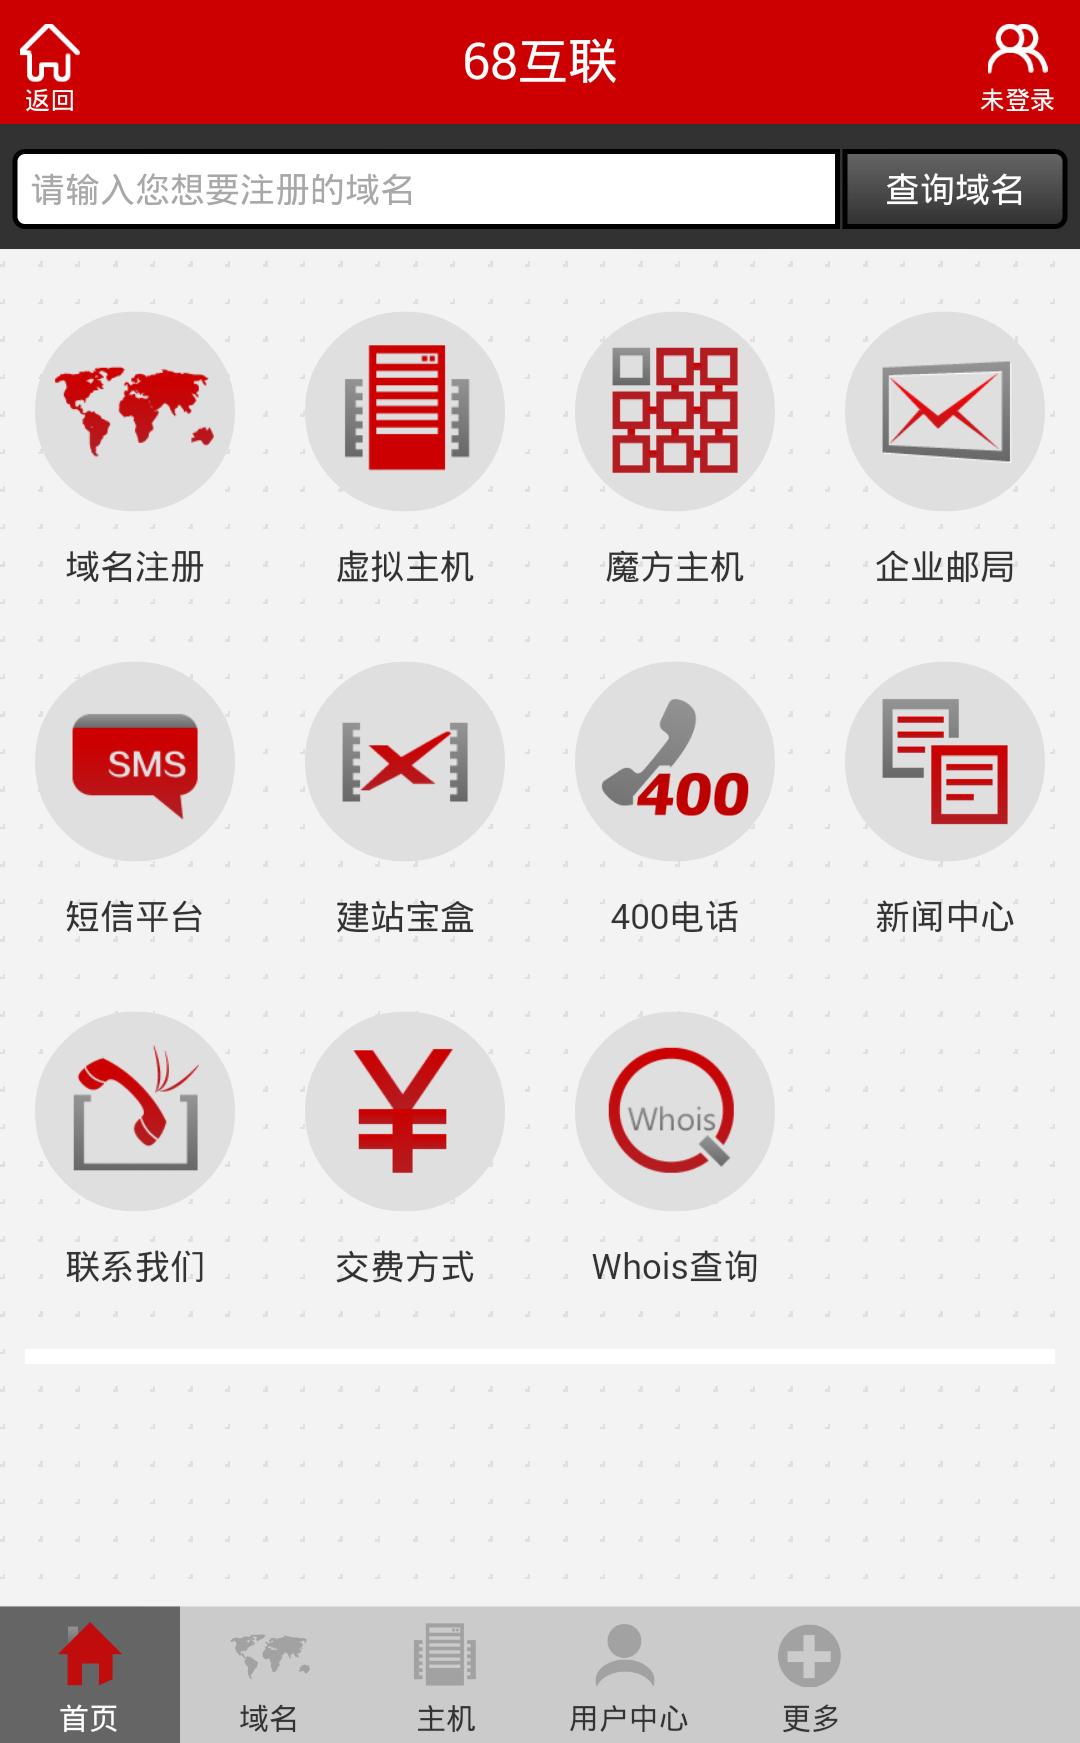 68互联-应用截图